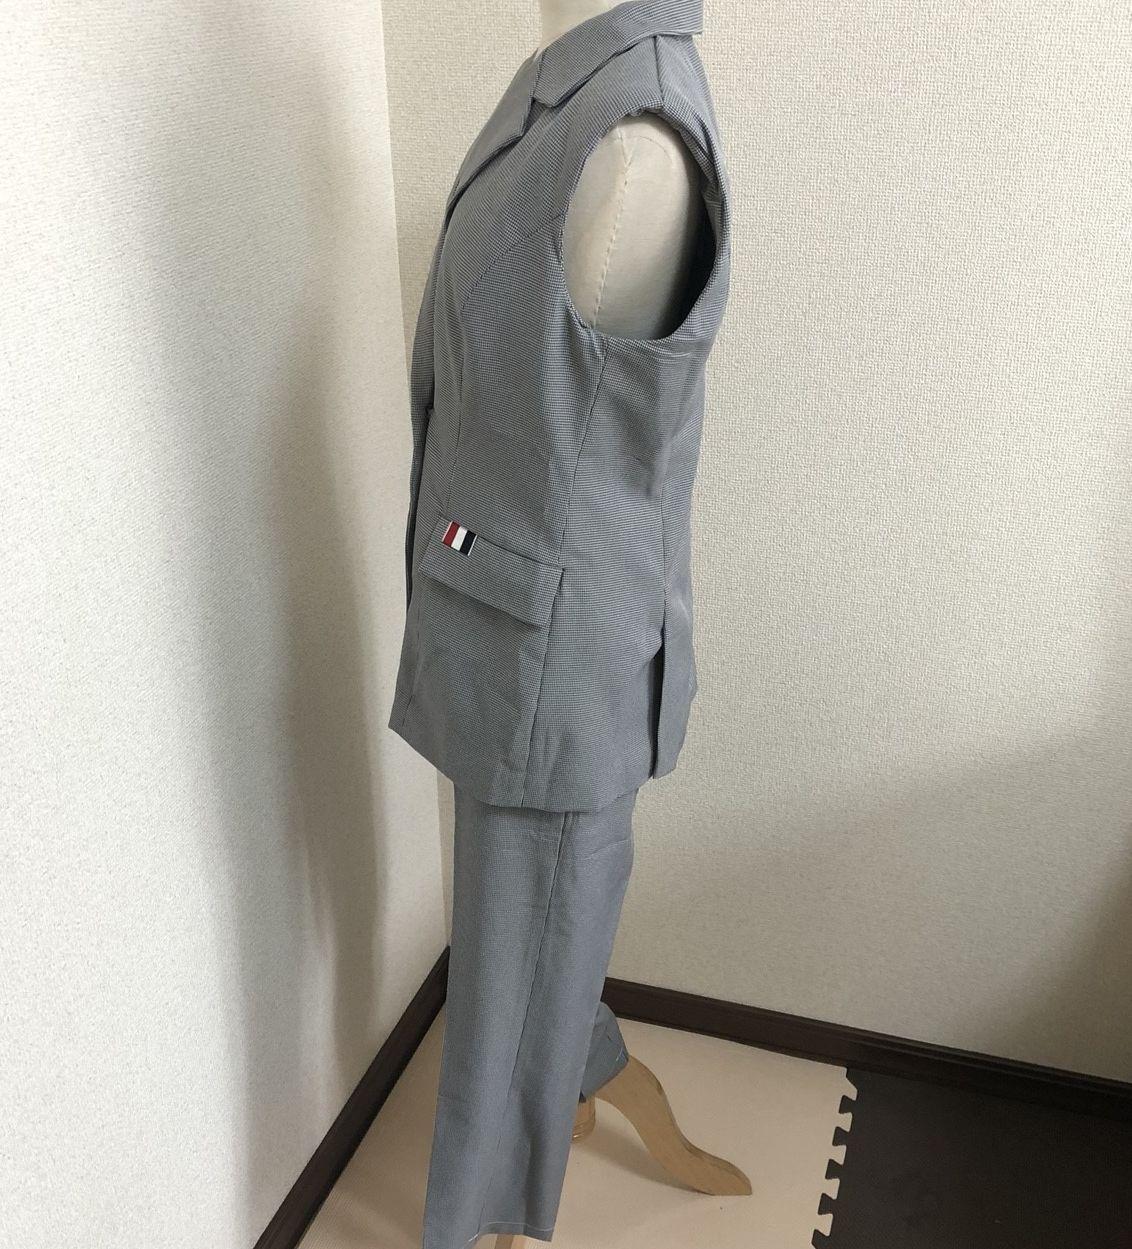 【即納】韓国 ファッション パンツ セットアップ パーティードレス 結婚式 お呼ばれドレス 春 夏 パーティー ブライダル SPTX9206  ノースリーブジャケット テーパ 二次会 セレブ きれいめの写真12枚目